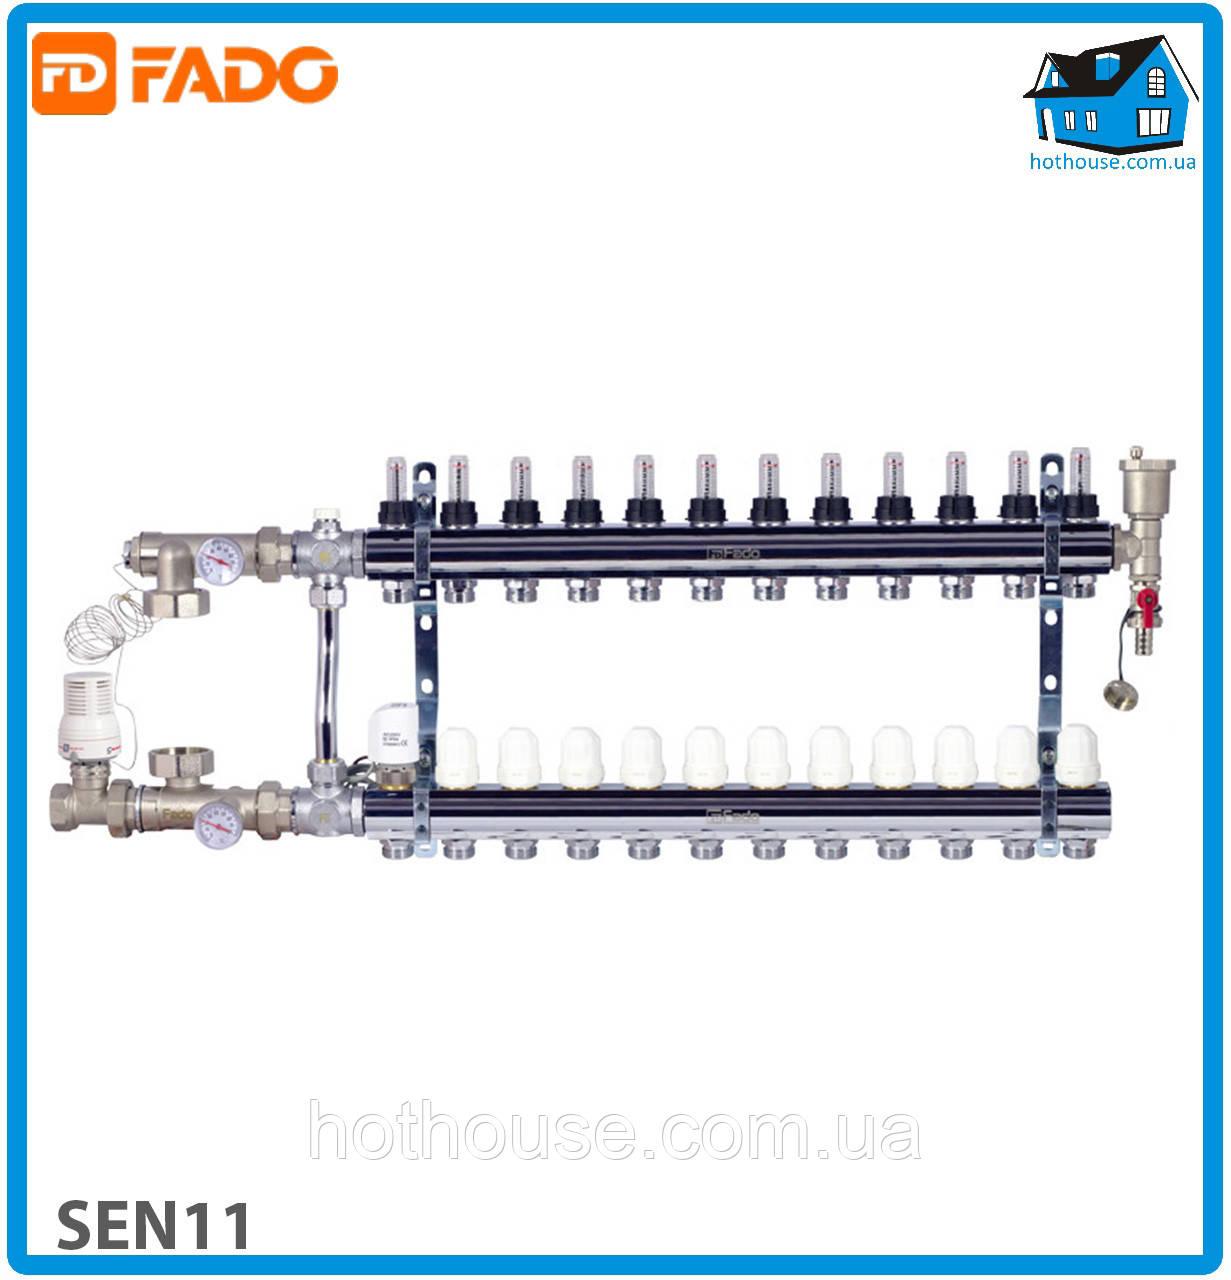 Комплект для подключения системы теплый пол FADO SEN11 FLOOR 11 выходов